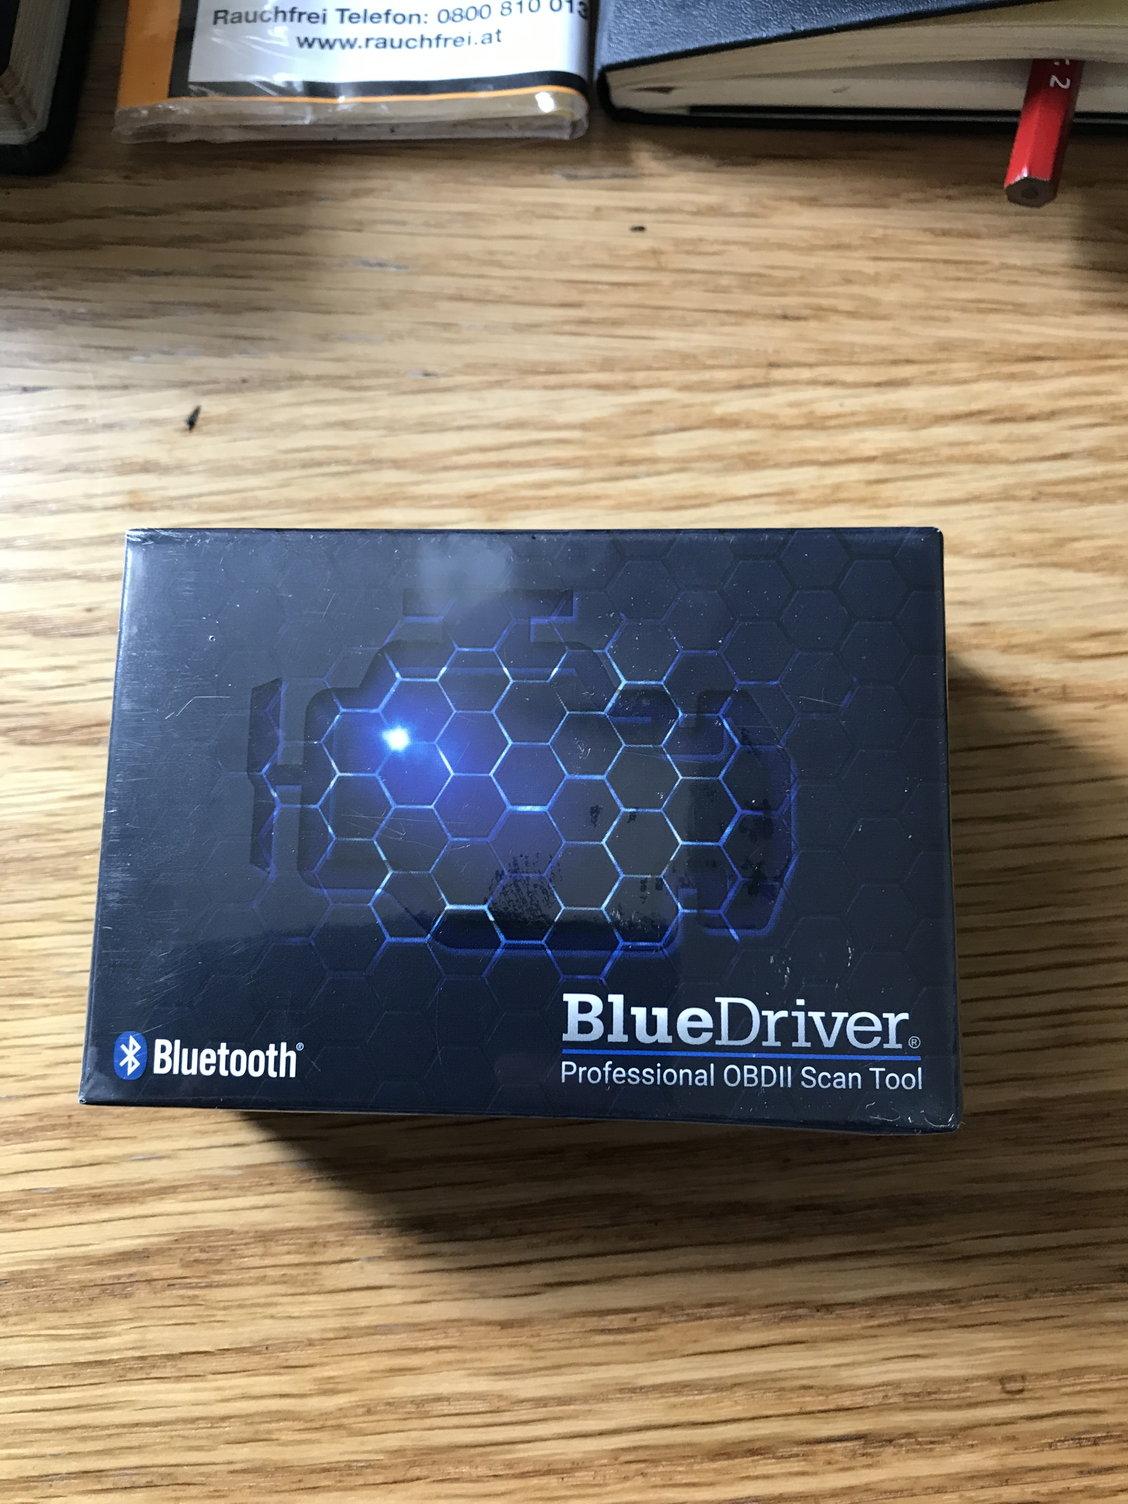 BlueDriver OBS Scanner & App - Jaguar Forums - Jaguar